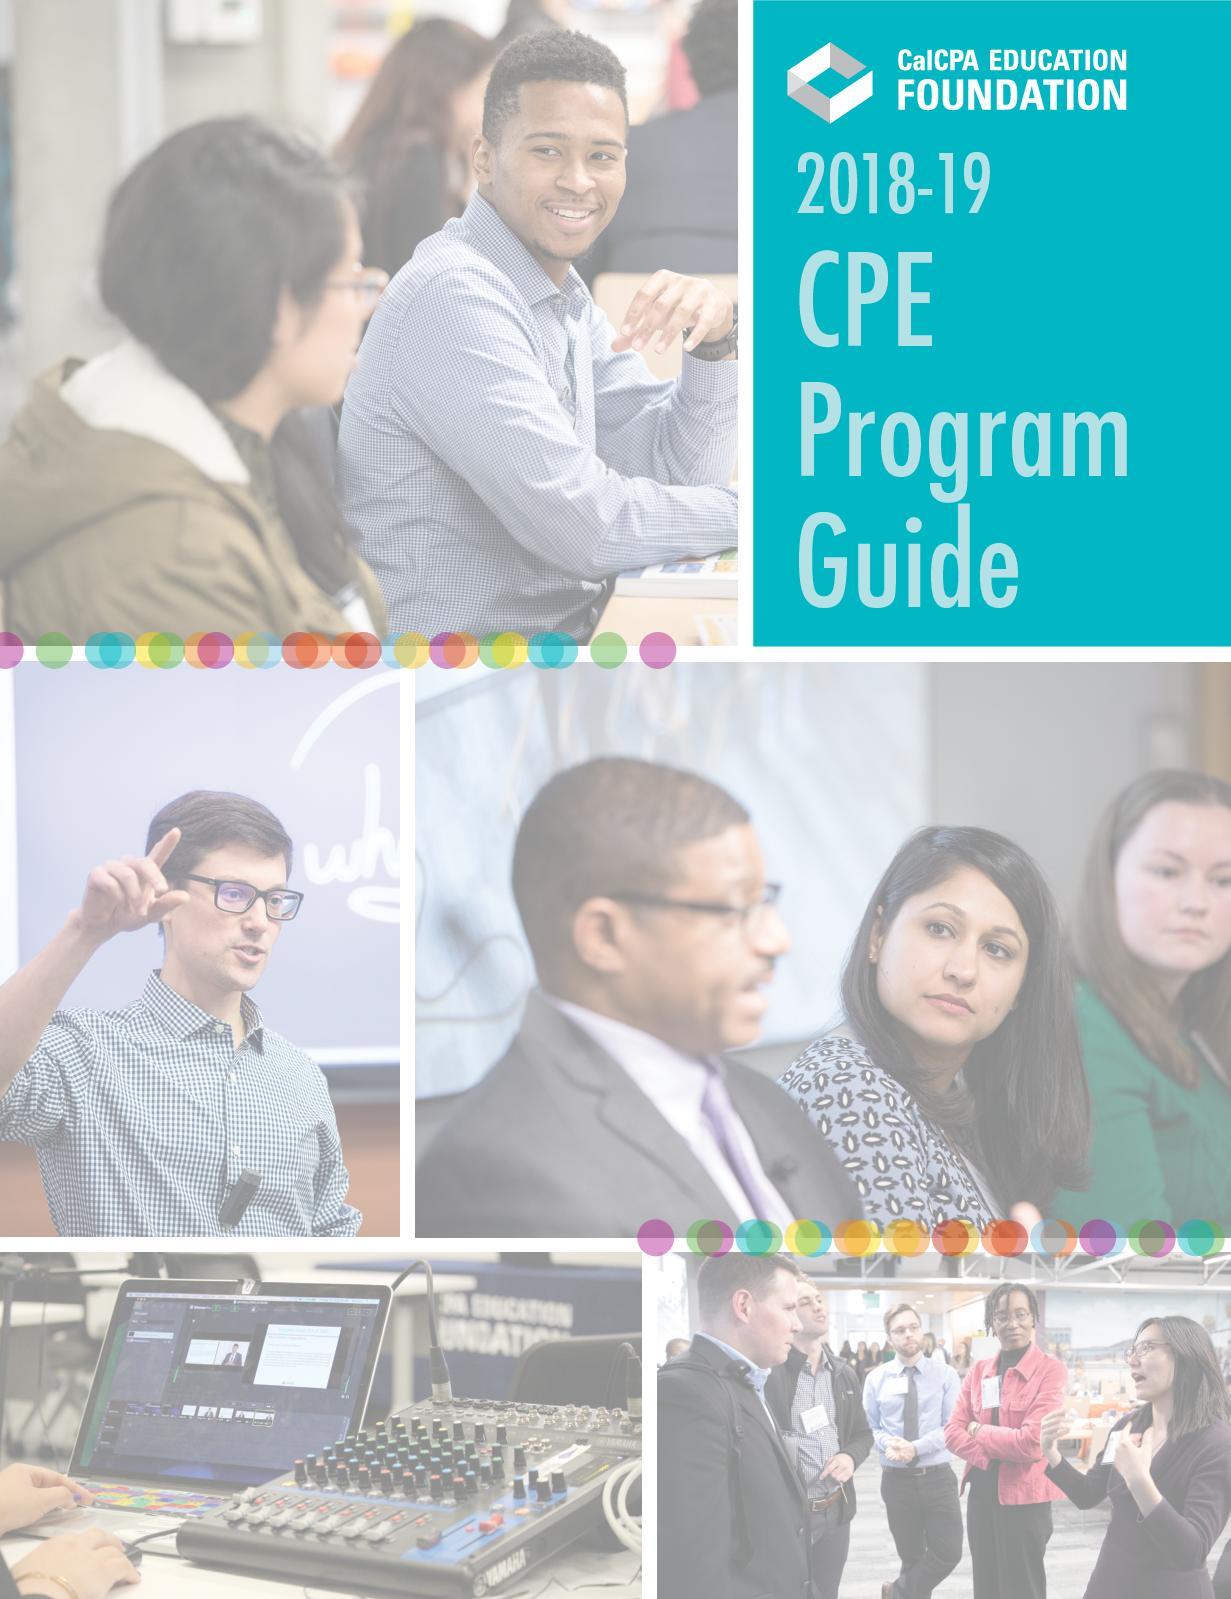 Calaméo - 2018-19 CPE Program Guide